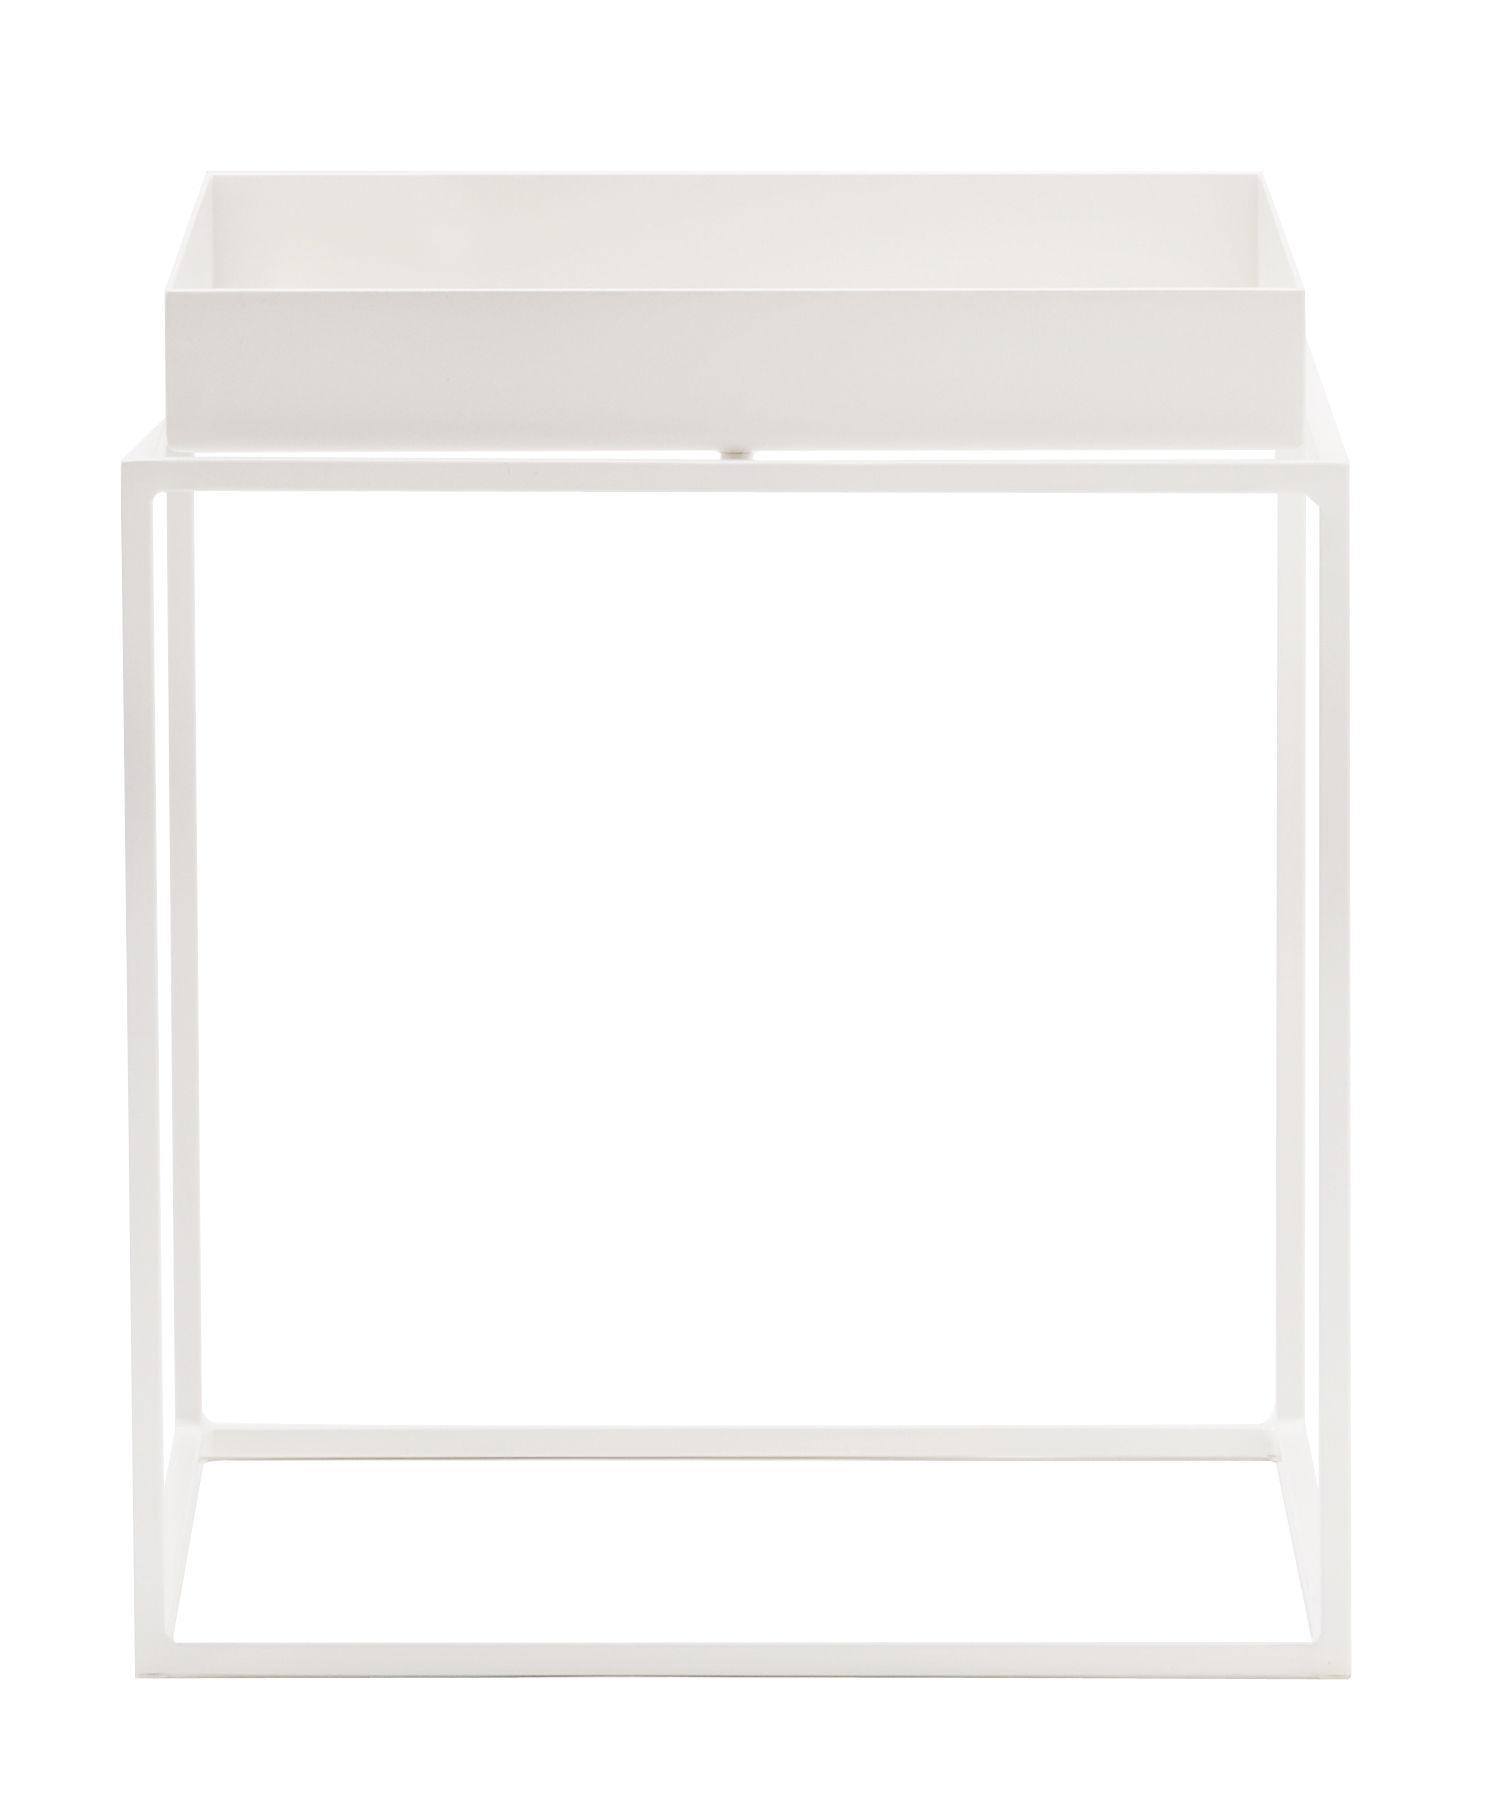 Arredamento - Tavolini  - Tavolino Tray - h 40 cm - 40 x 40 cm di Hay - Bianco - Acciaio laccato